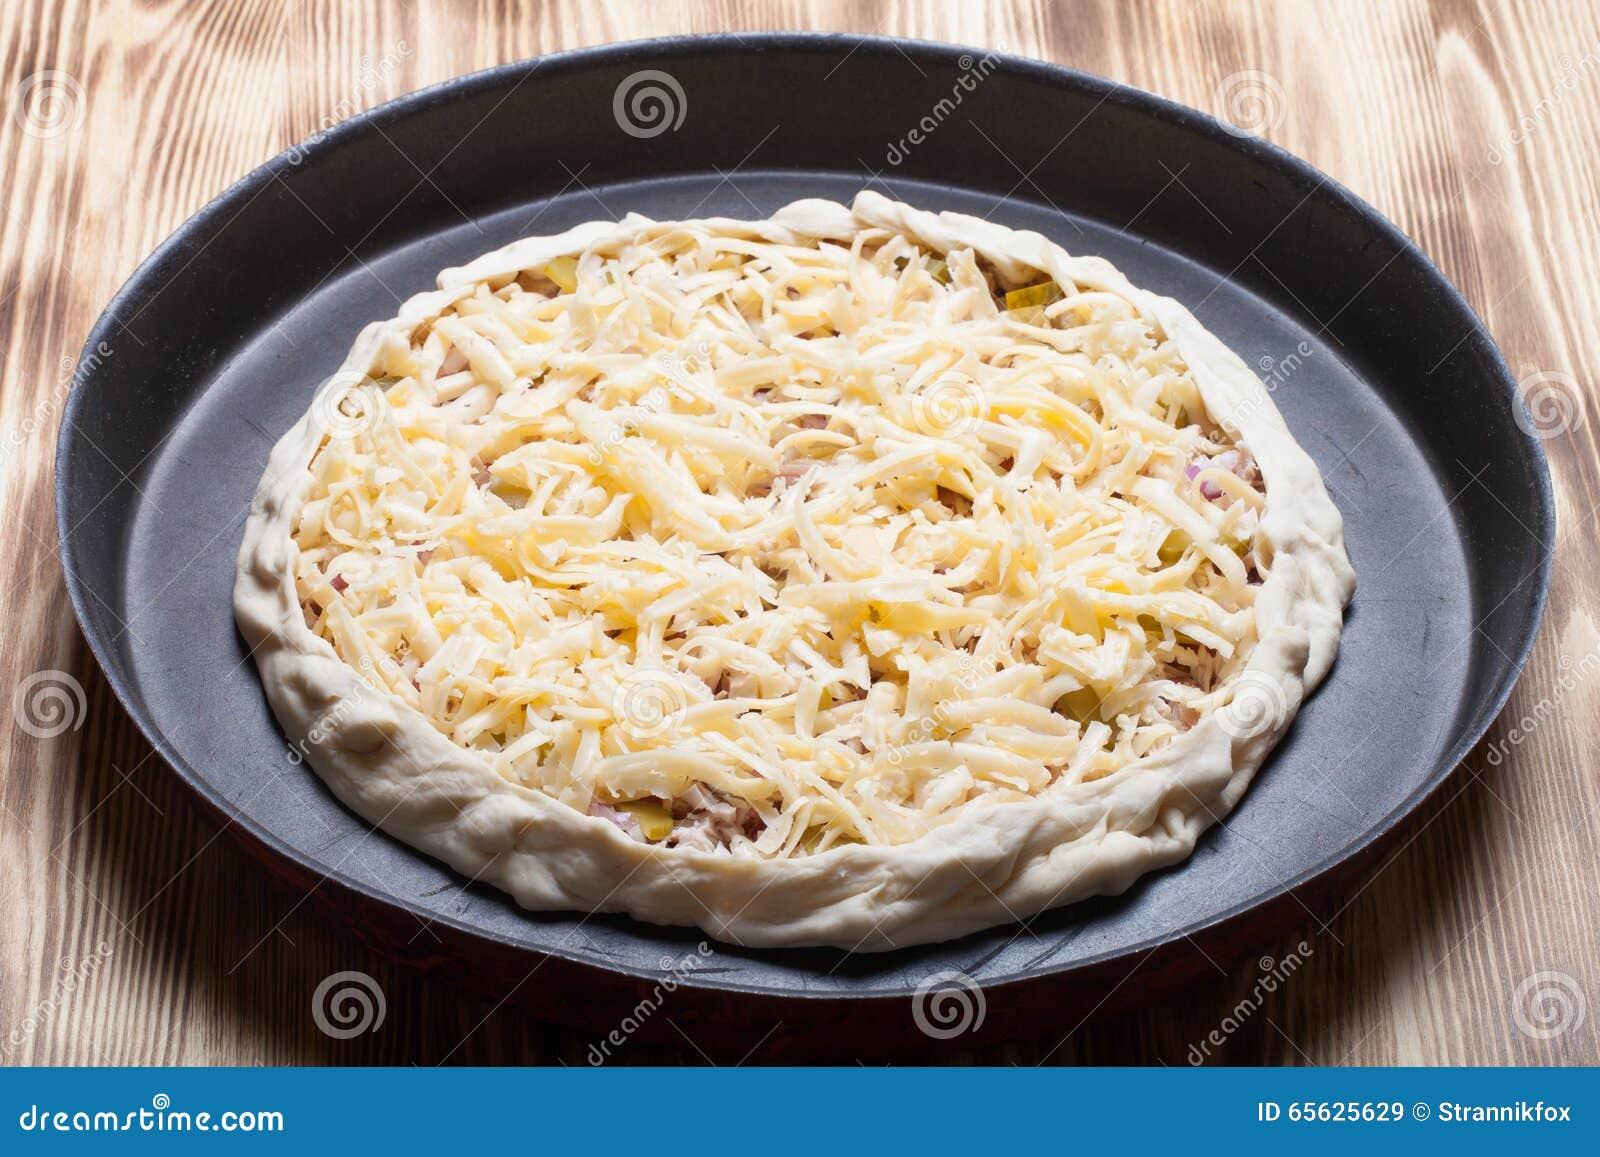 Pizza non préparée avec du fromage râpé